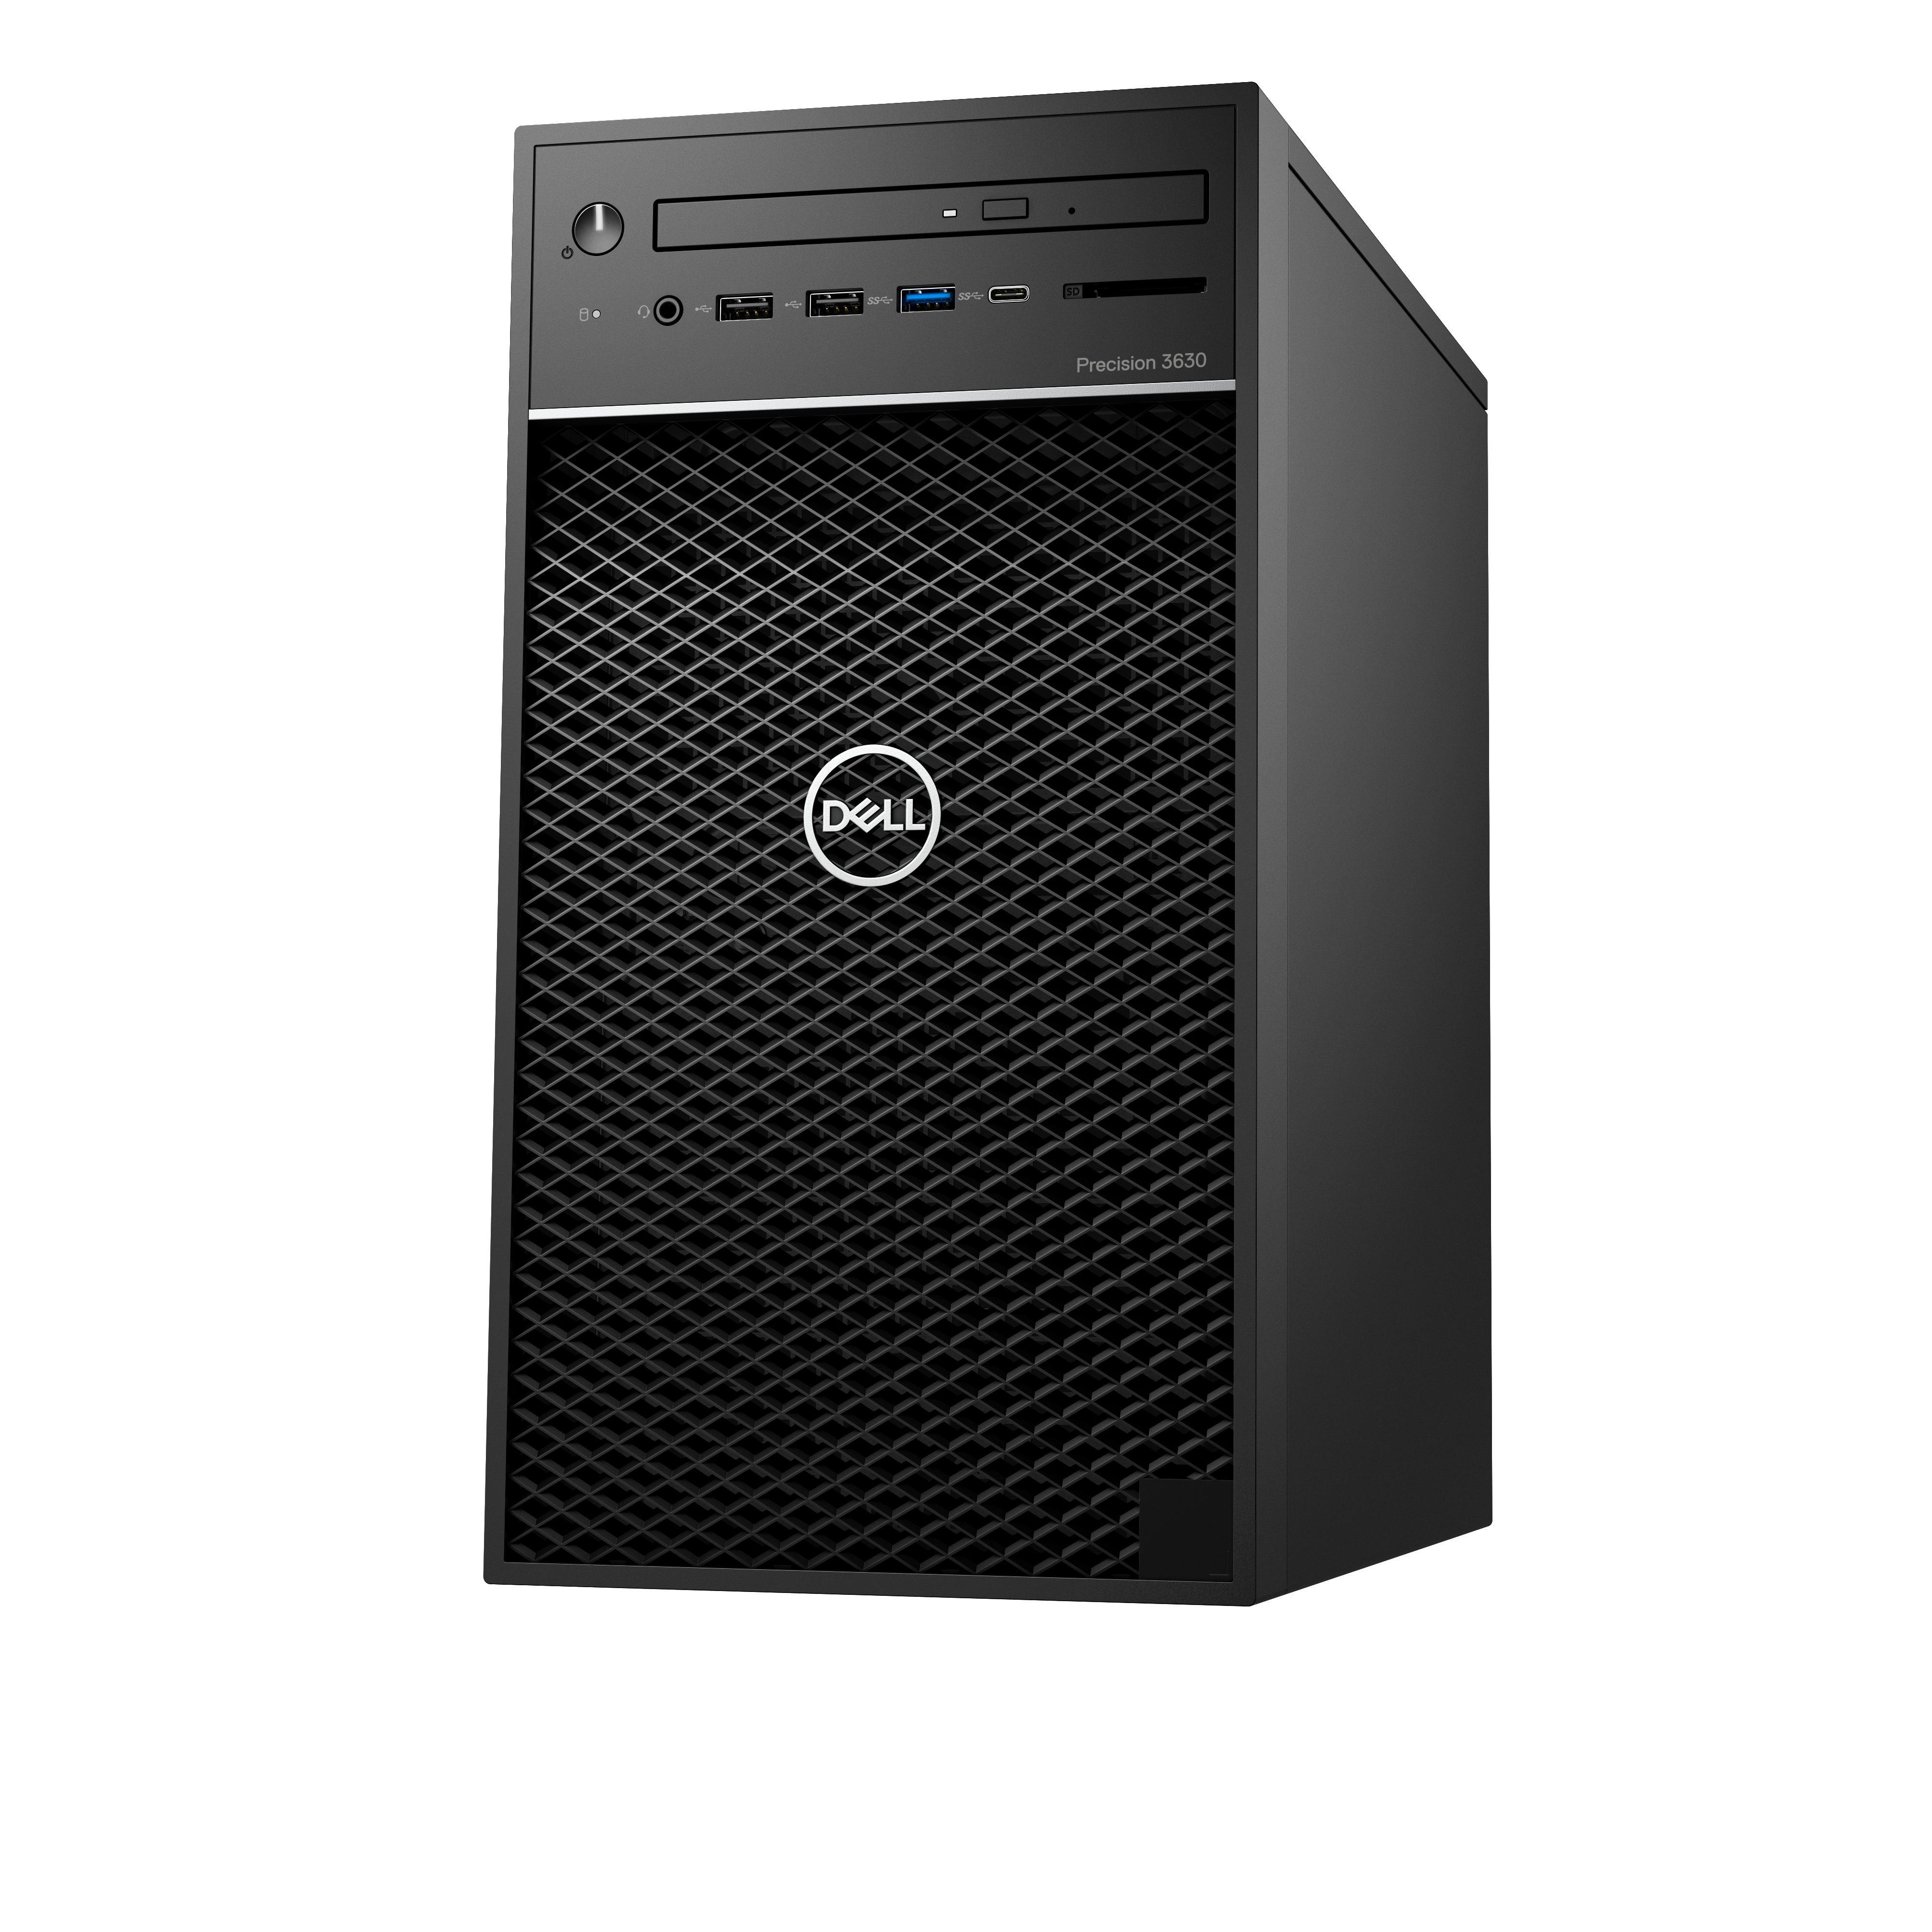 2022026-DELL-Precision-3630-Intel-Core-i7-di-nona-generazione-i7-9700-16-GB-DD